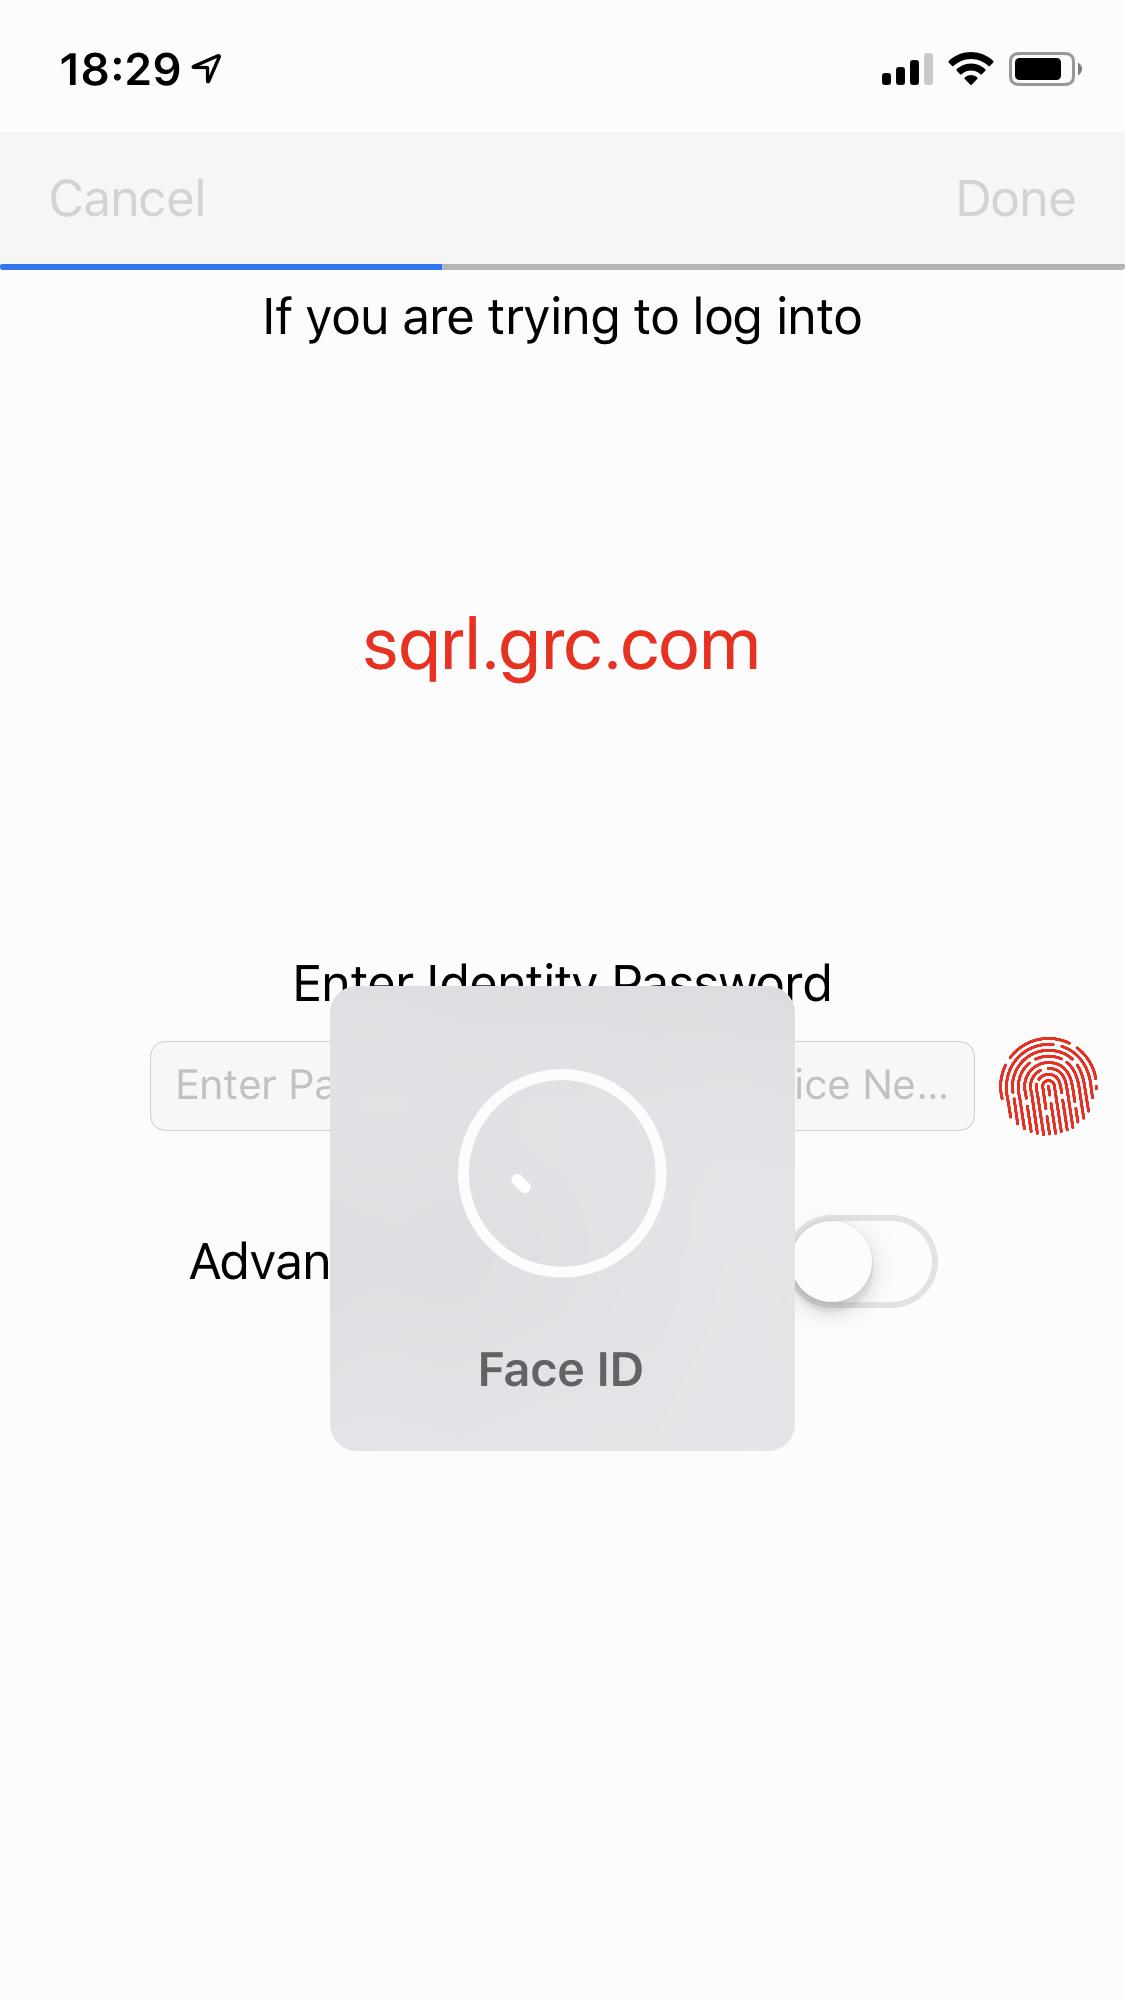 Une fois que vous avez validé une fois votre identité SQRL avec votre long mot de passe, la reconnaissance faciale ou l'empreinte digitale suffit pour valider la connexion via SQRL. (cliquez pour agrandir)